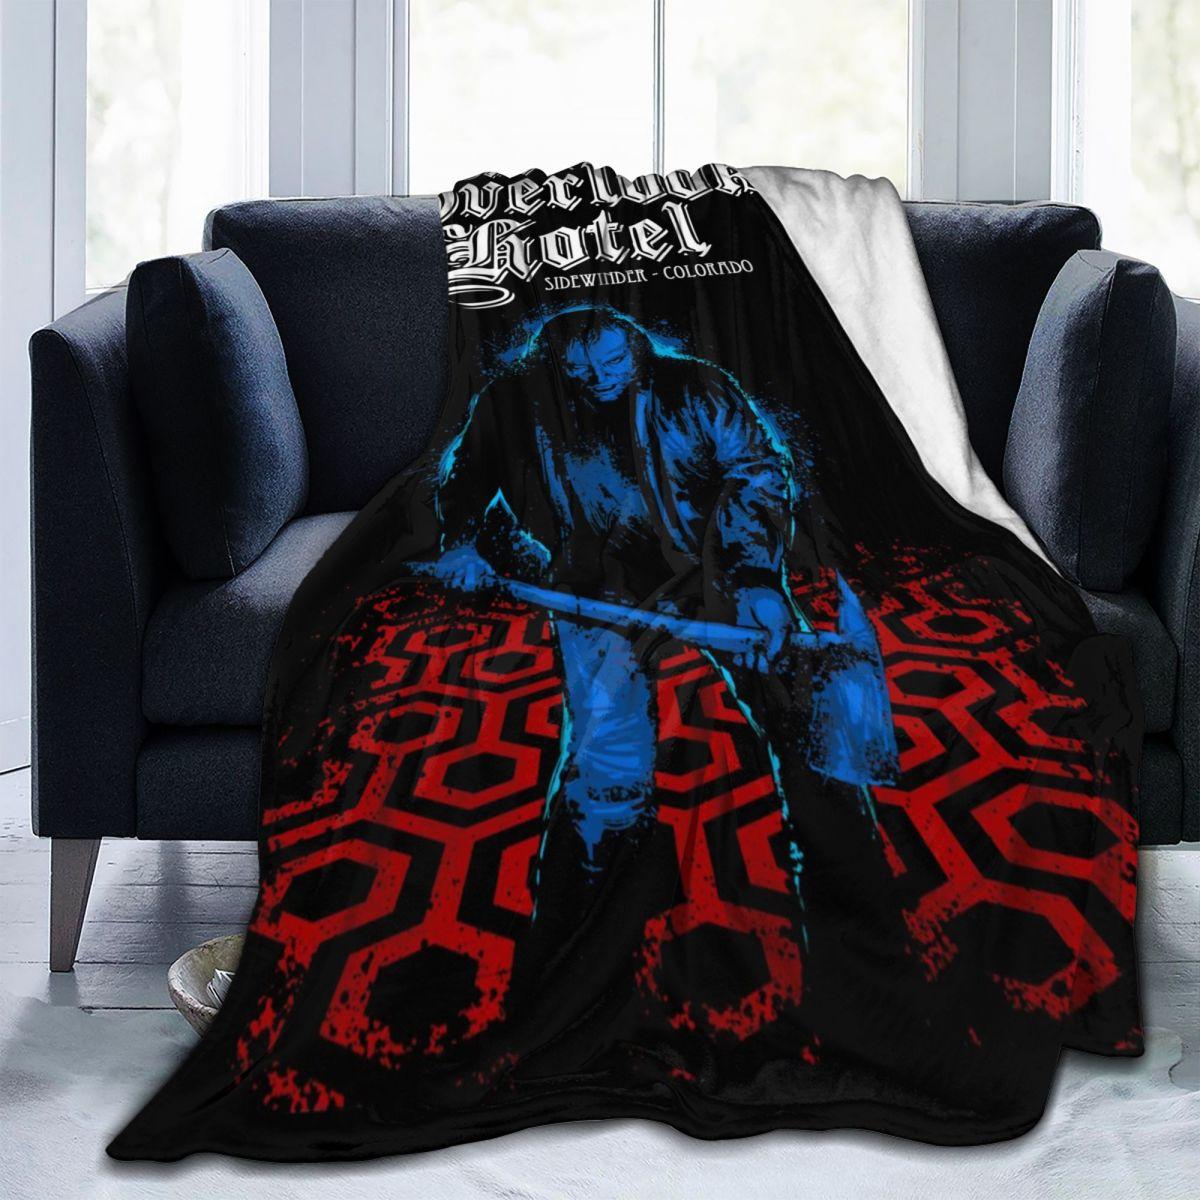 أفلام الرعب مشرقة جاك تورنس أغفل فندق بطانية مريحة لينة الصوف بطانية رمي